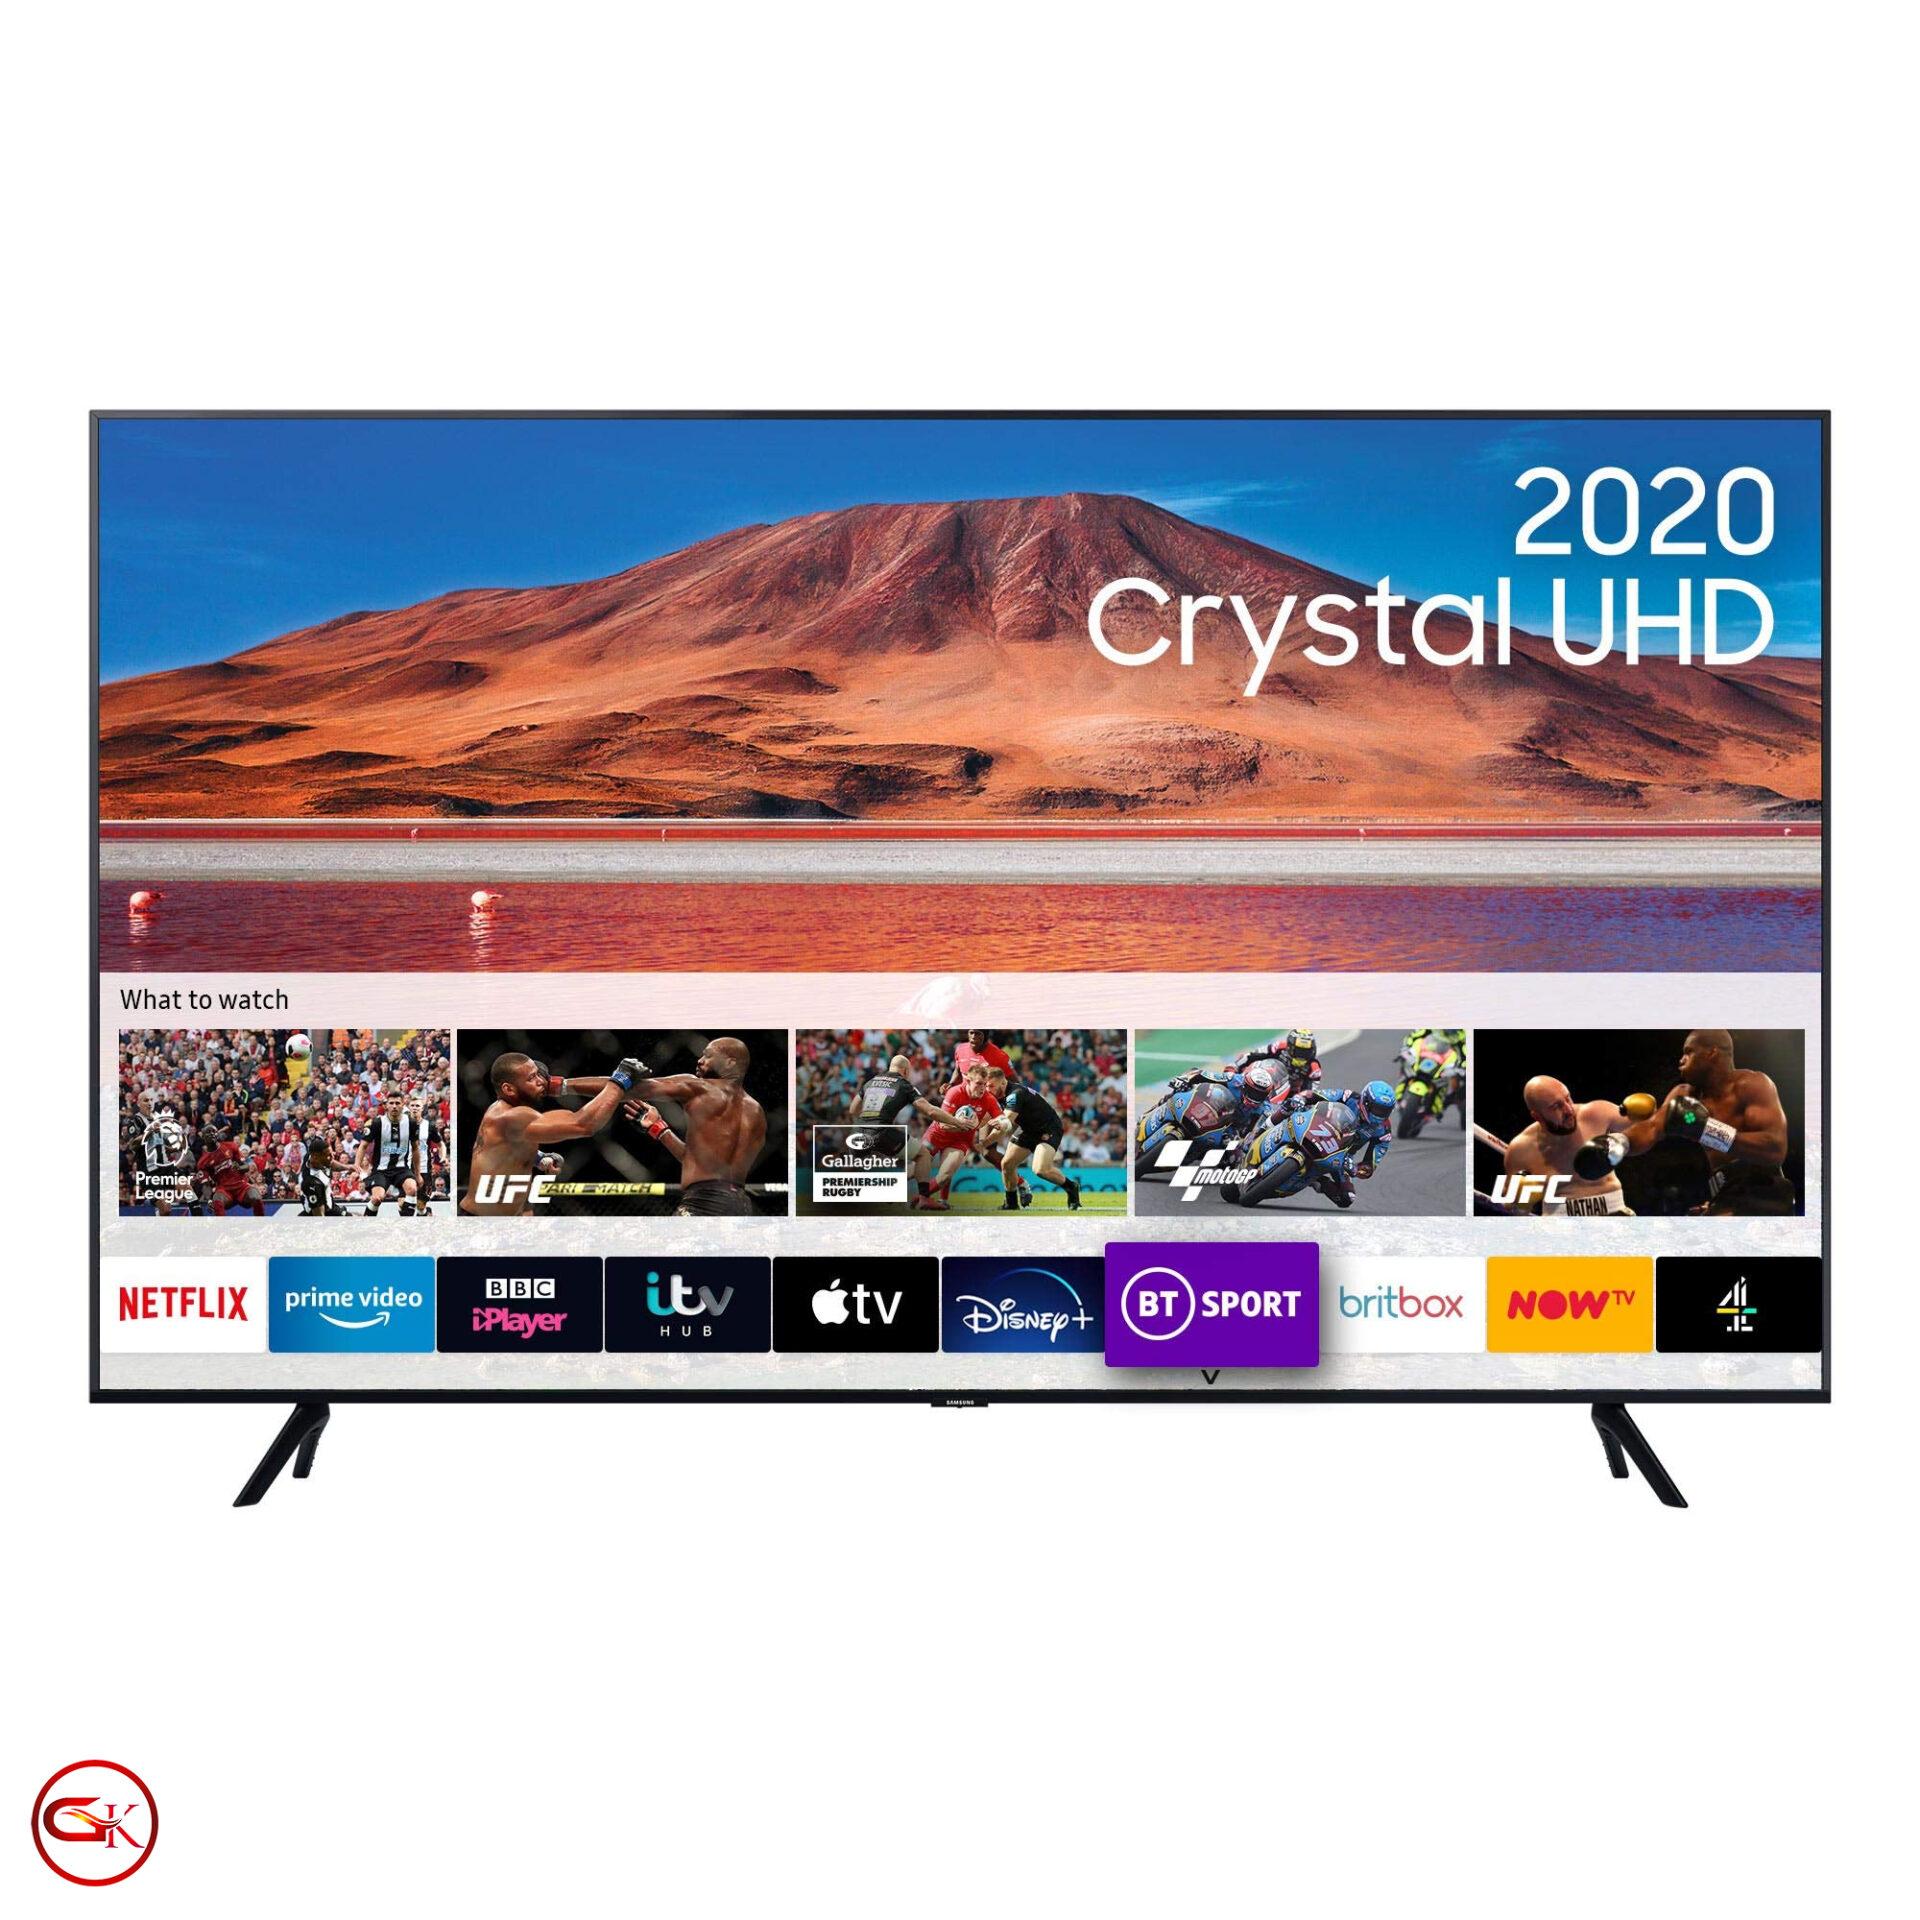 تلویزیون 65 اینچ Samsung TU8000 با کیفیت تصویر 4K